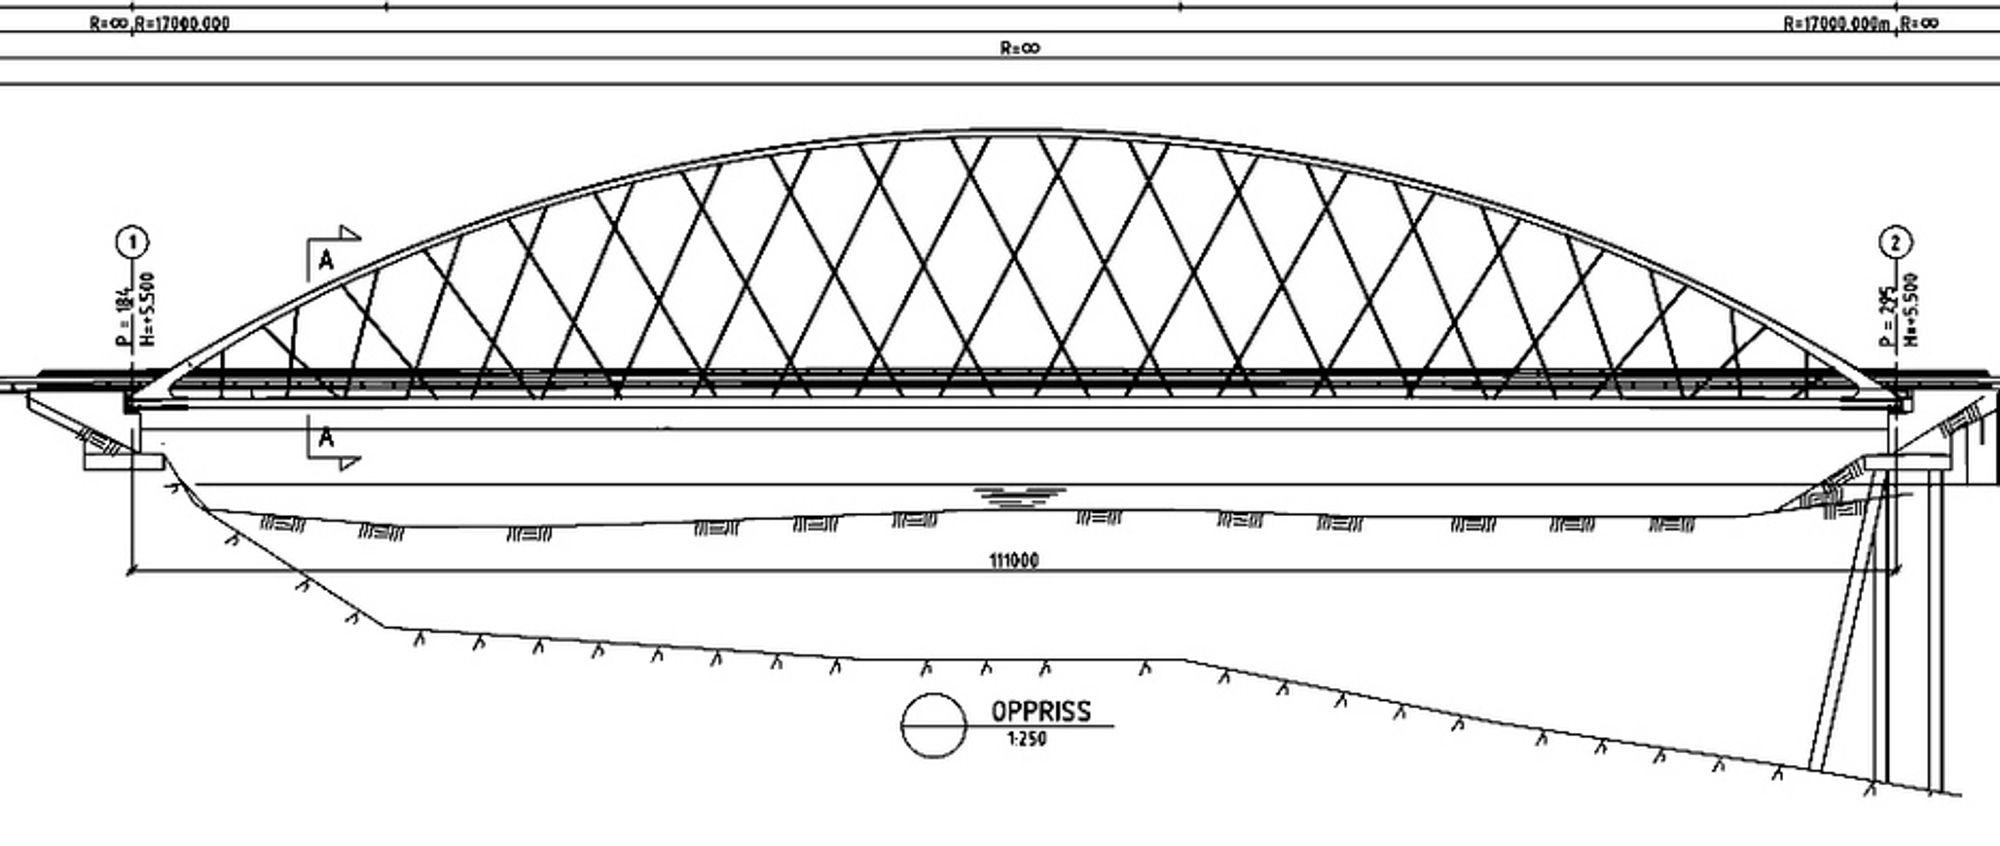 Betonmast skal bygge denne brua hvis ingen klager på Vegvesenets avgjørelse innen 3. mars. Brua blir ferdig senest 1. juni neste år.